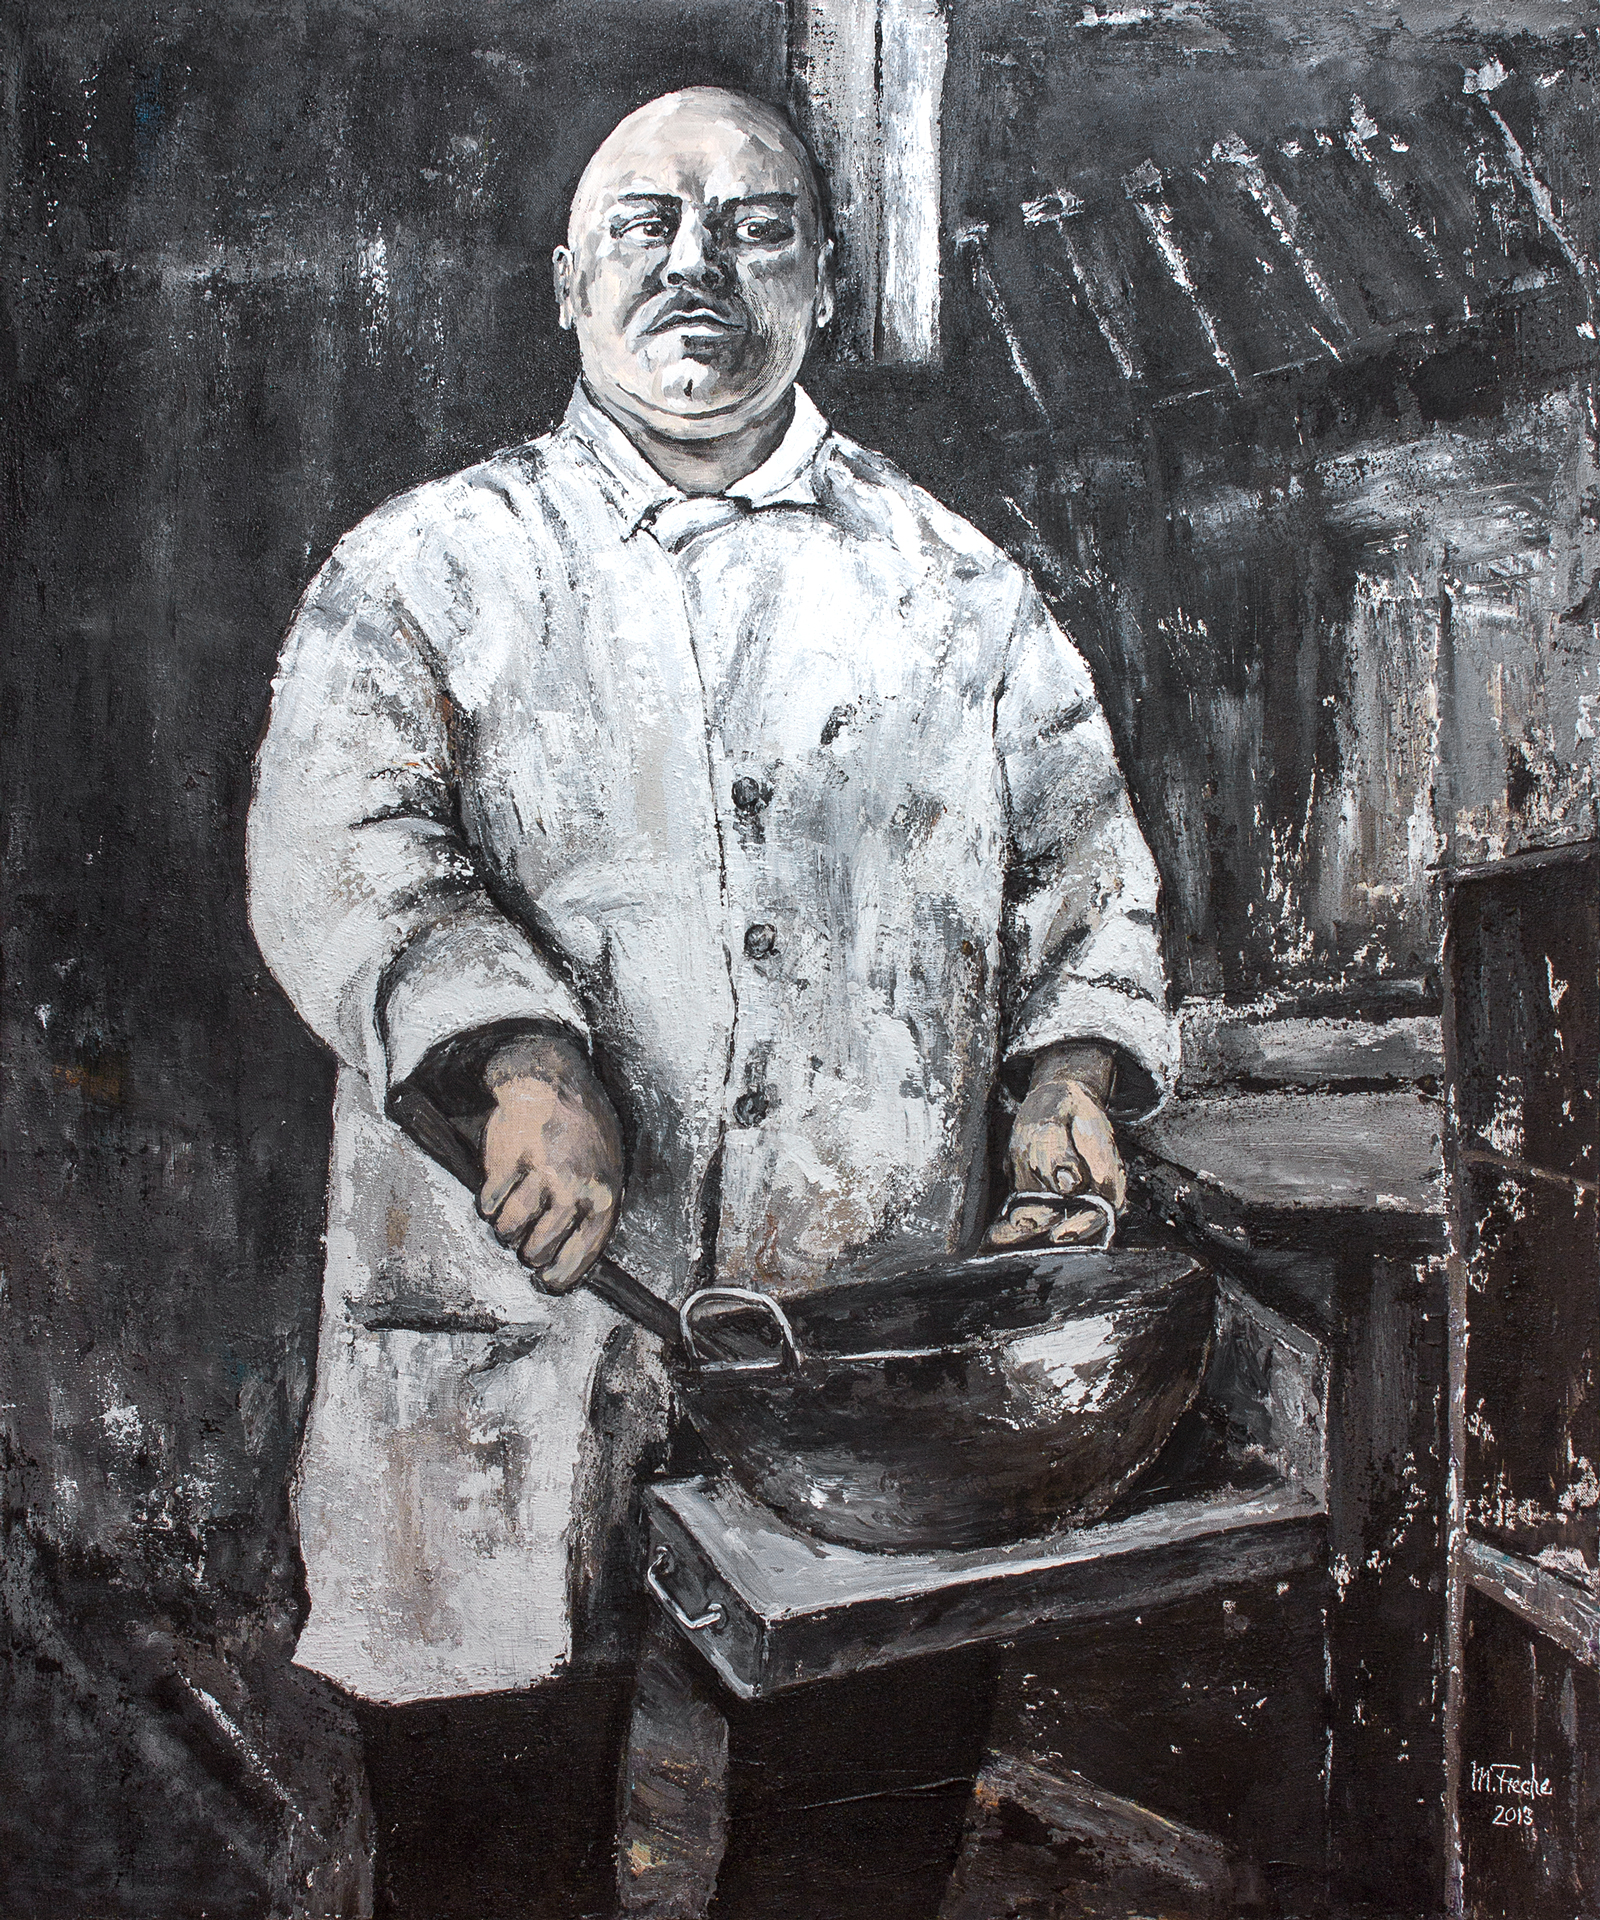 Maike-Freche_Der-Chefkoch.jpg